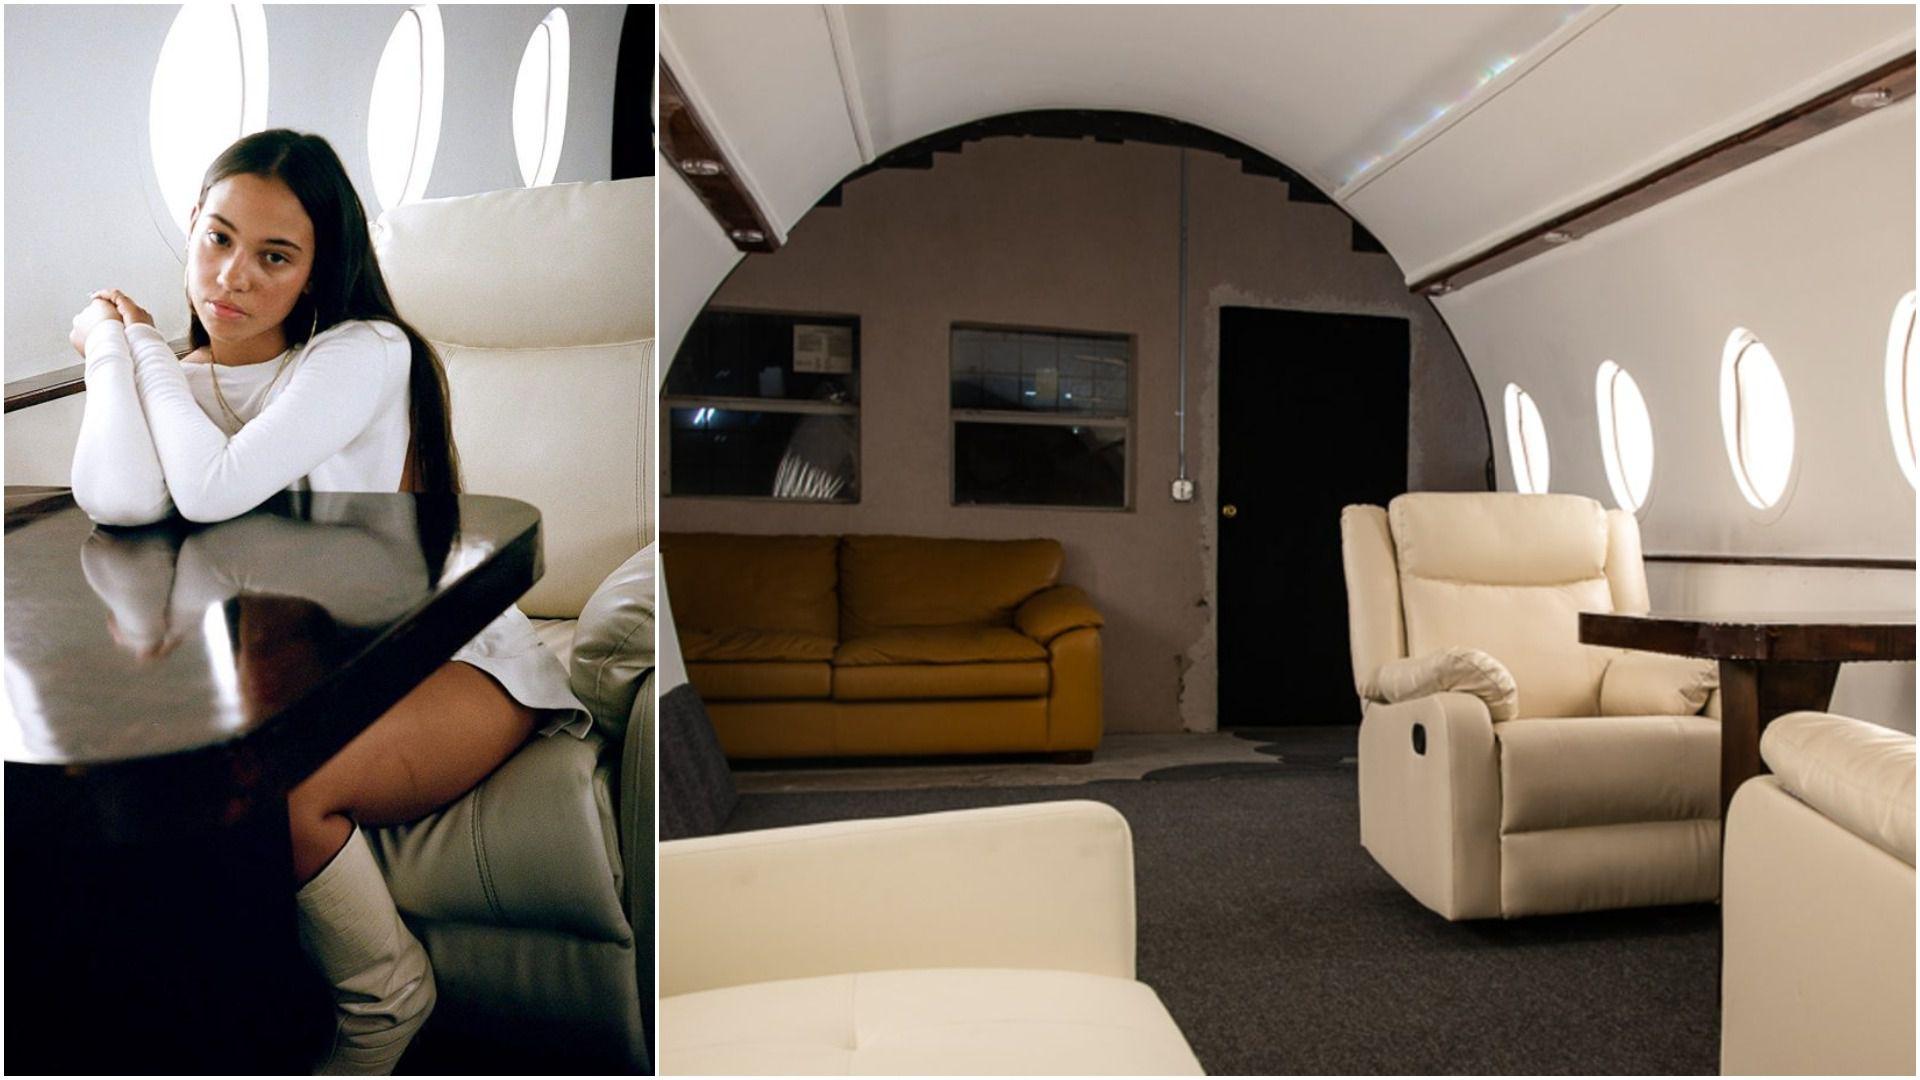 Studio u LA-u iznajmljuje prostor koji izgleda poput privatnog aviona kako bi se influenceri u njemu mogli fotografirati